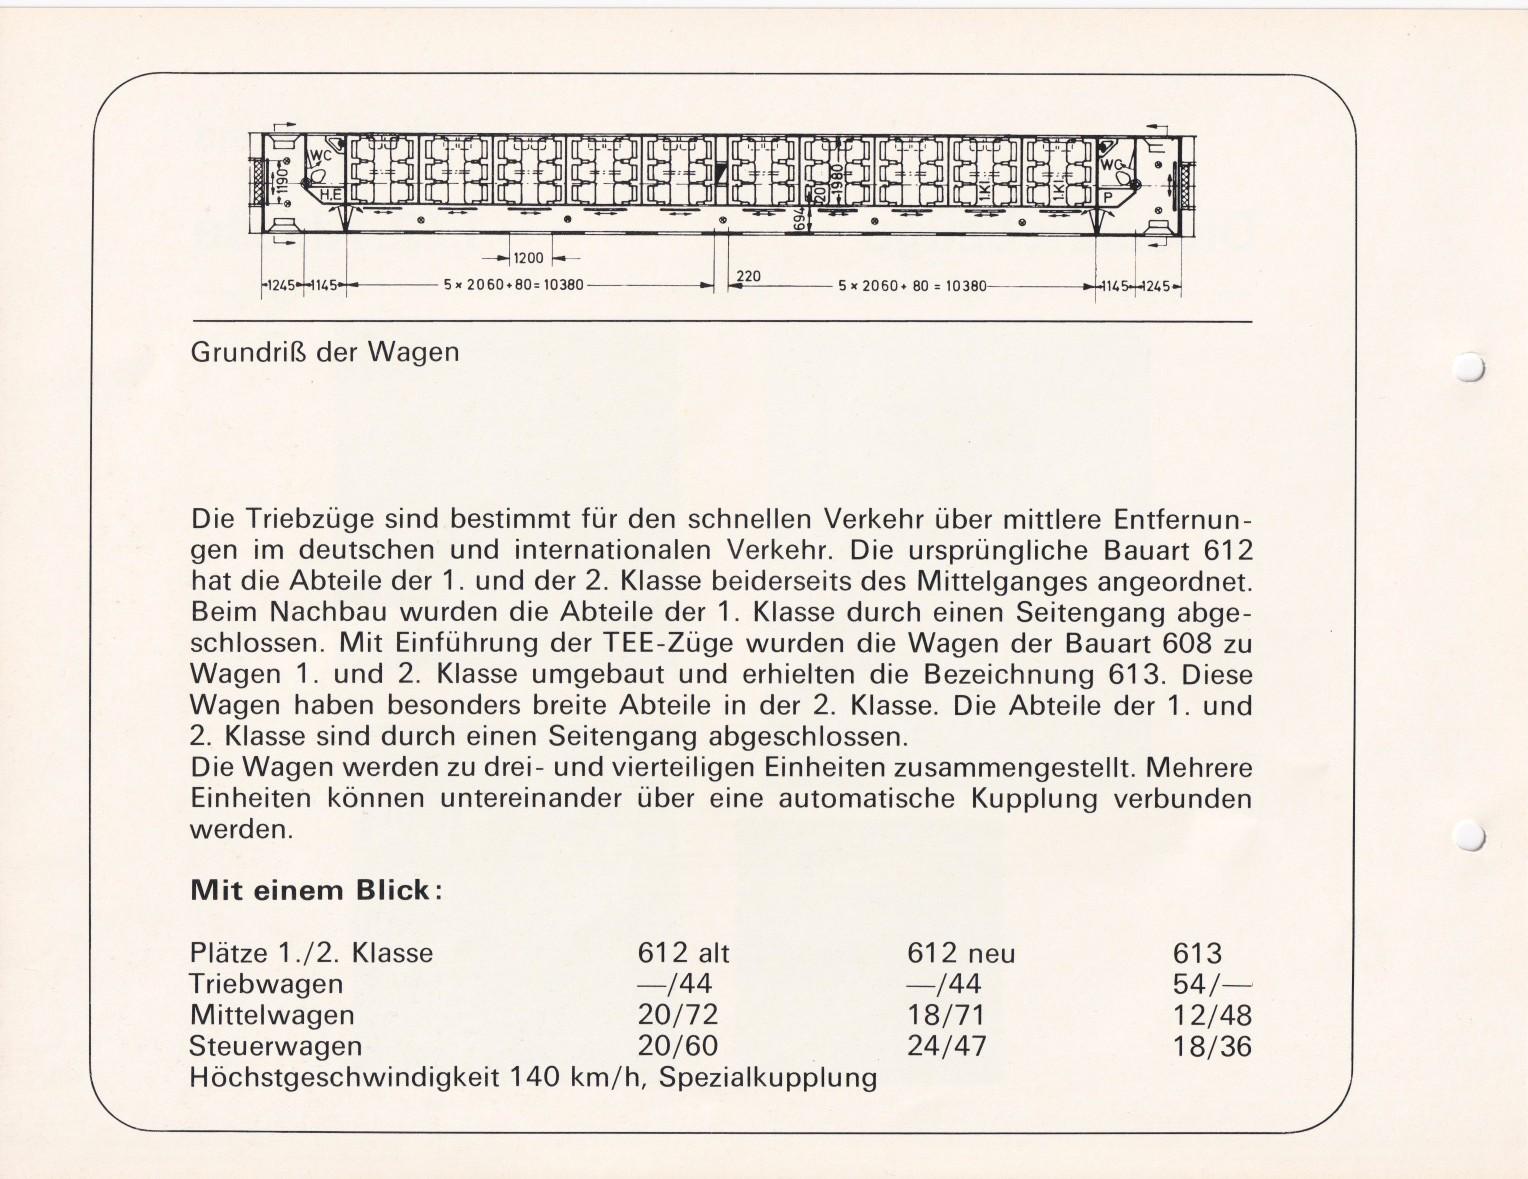 https://www.nullclub.de/hifo/Fahrzeuglexikon/Wagen50h.jpg